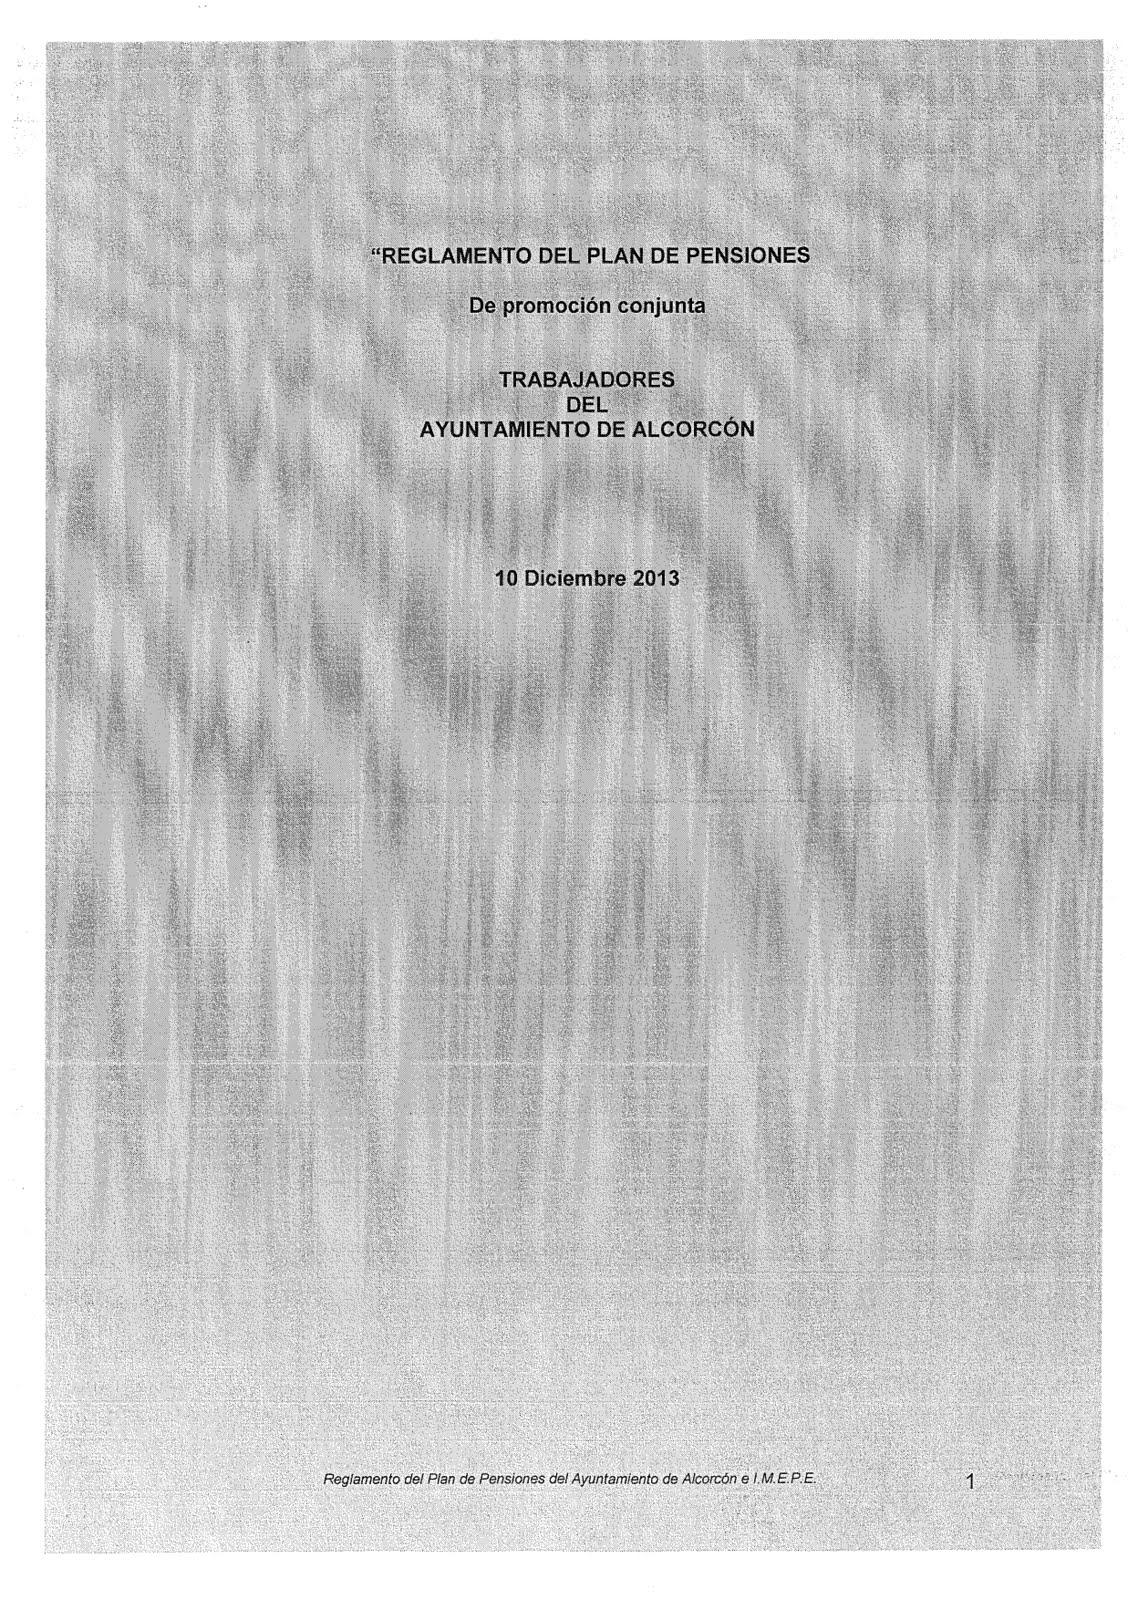 REGLAMENTO PLAN DE PENSIONES